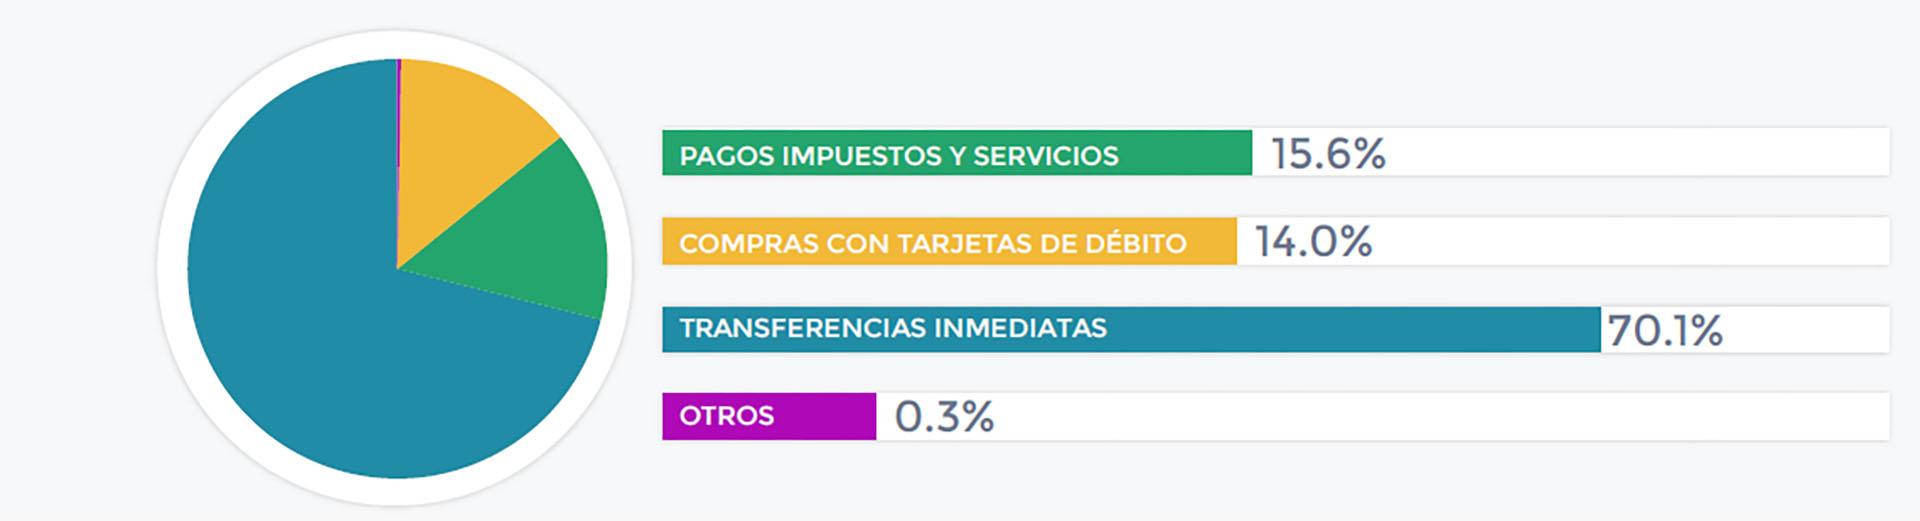 El 70% del uso electrónico del dinero va dirigido a transferencias inmediatas como el pago de expensas o cuotas de prepagas o educación privada